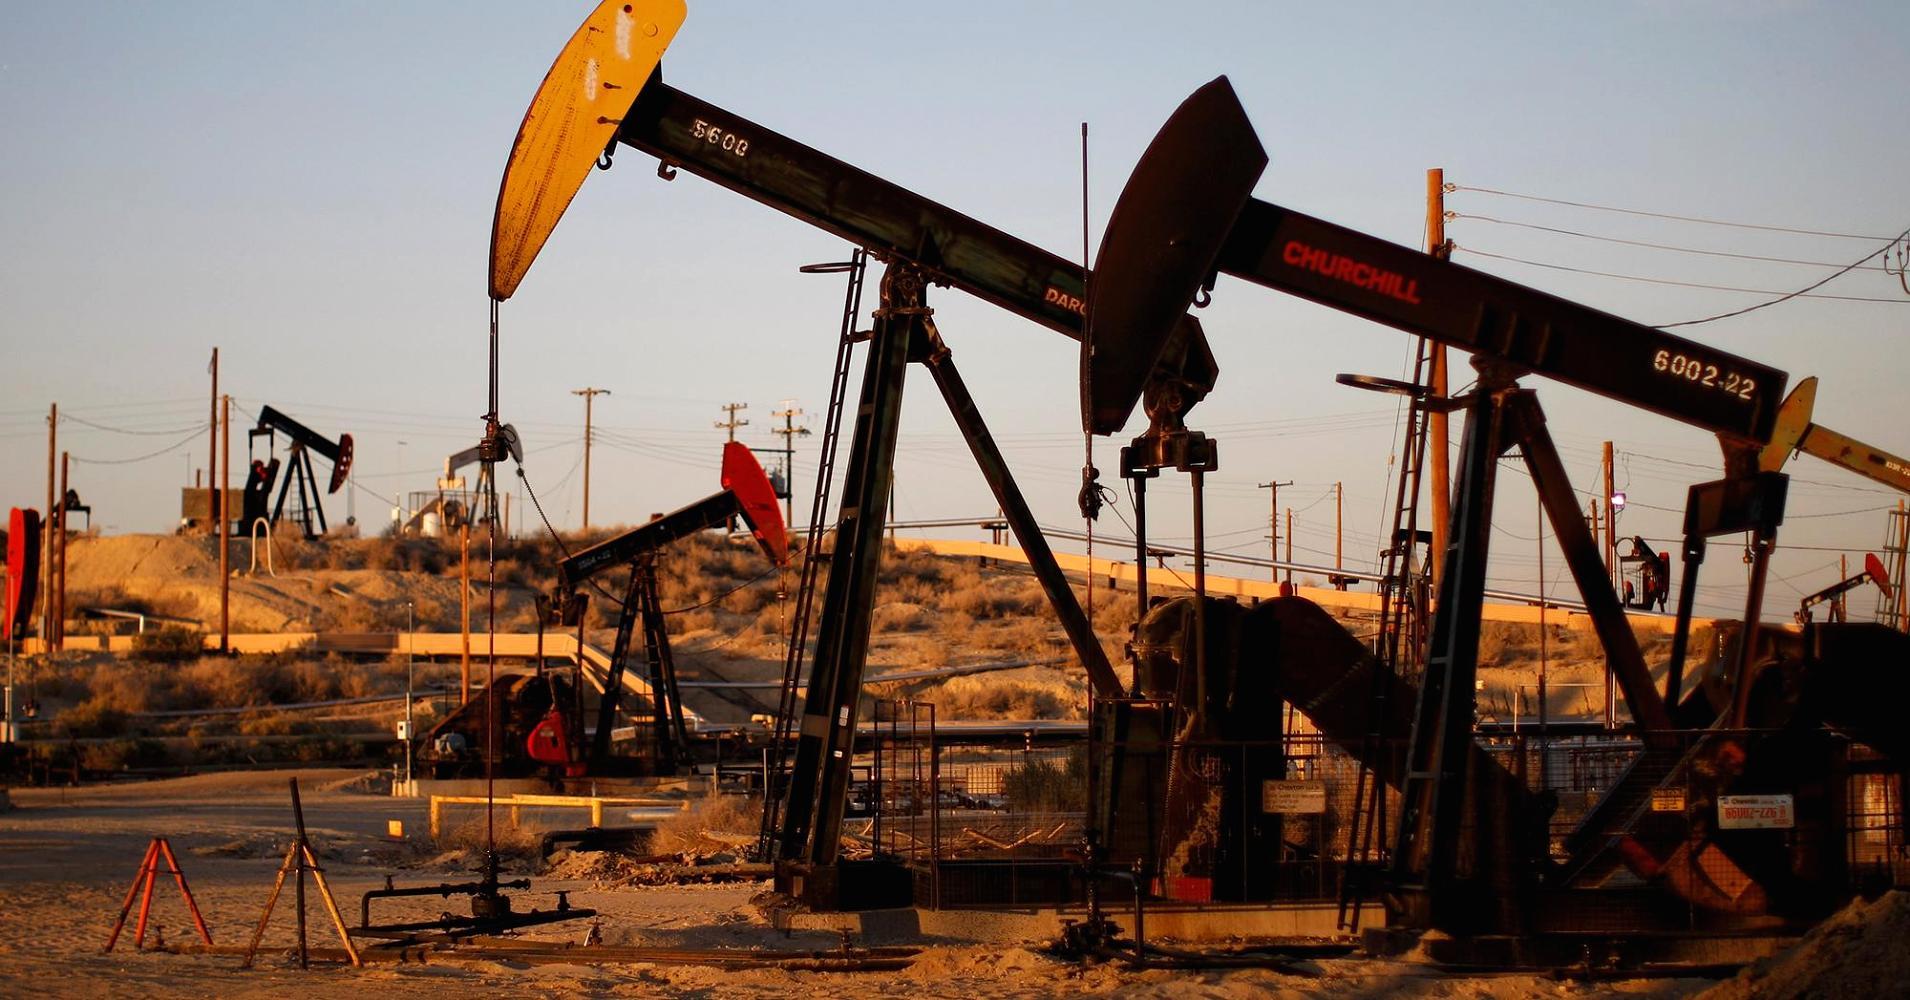 بدء العقوبات الامريكية على إيران وهبوط أسعار النفط